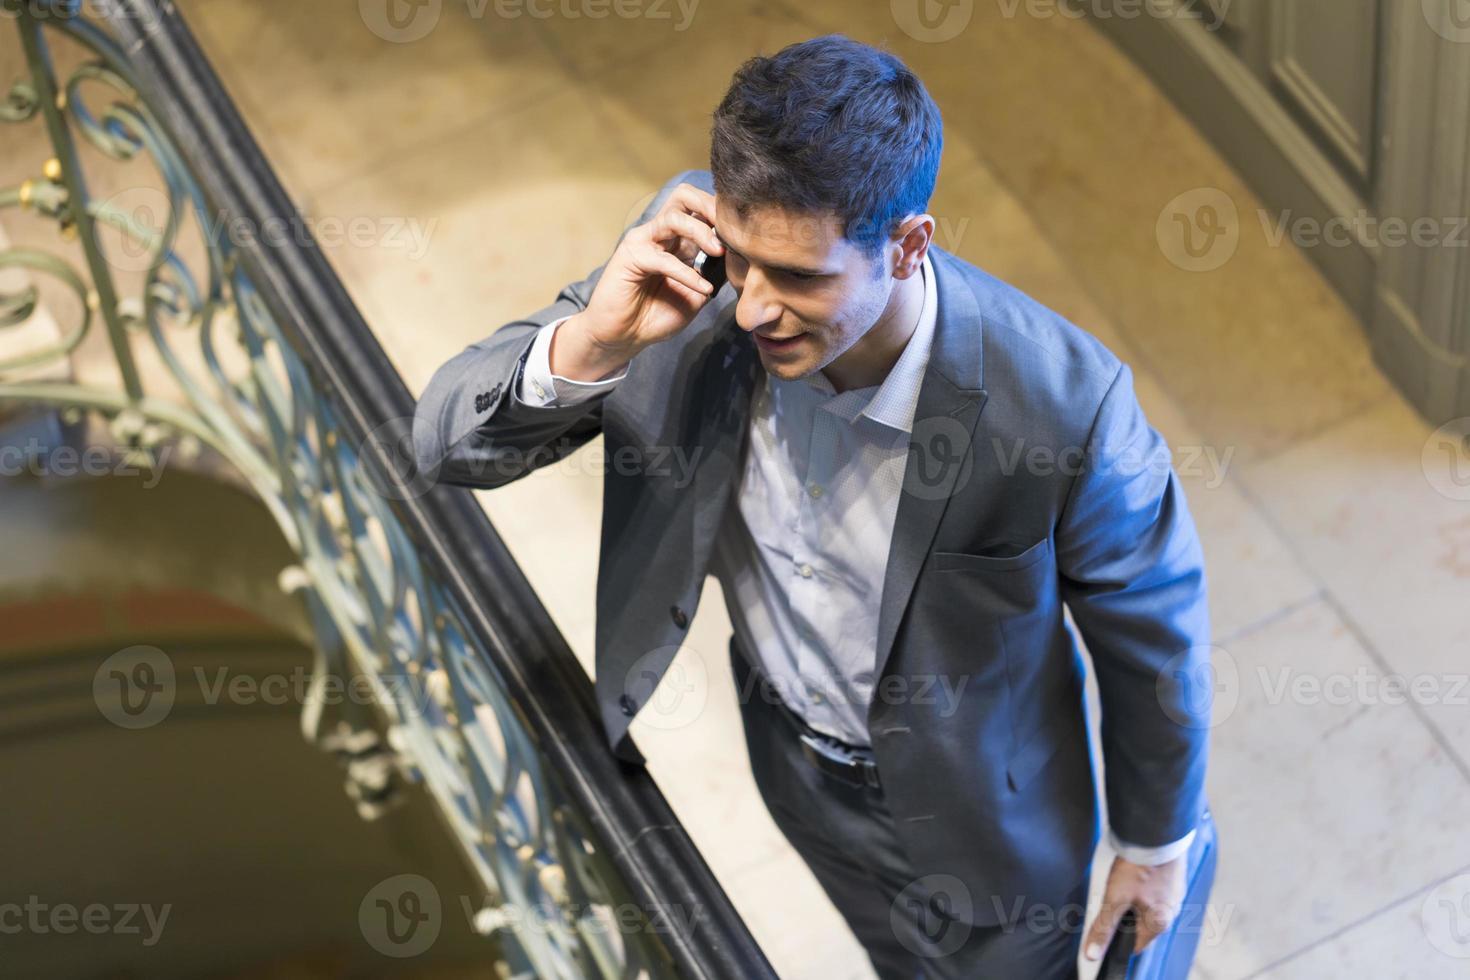 homme d'affaires sur téléphone mobile dans l'escalier. vue d'en haut photo